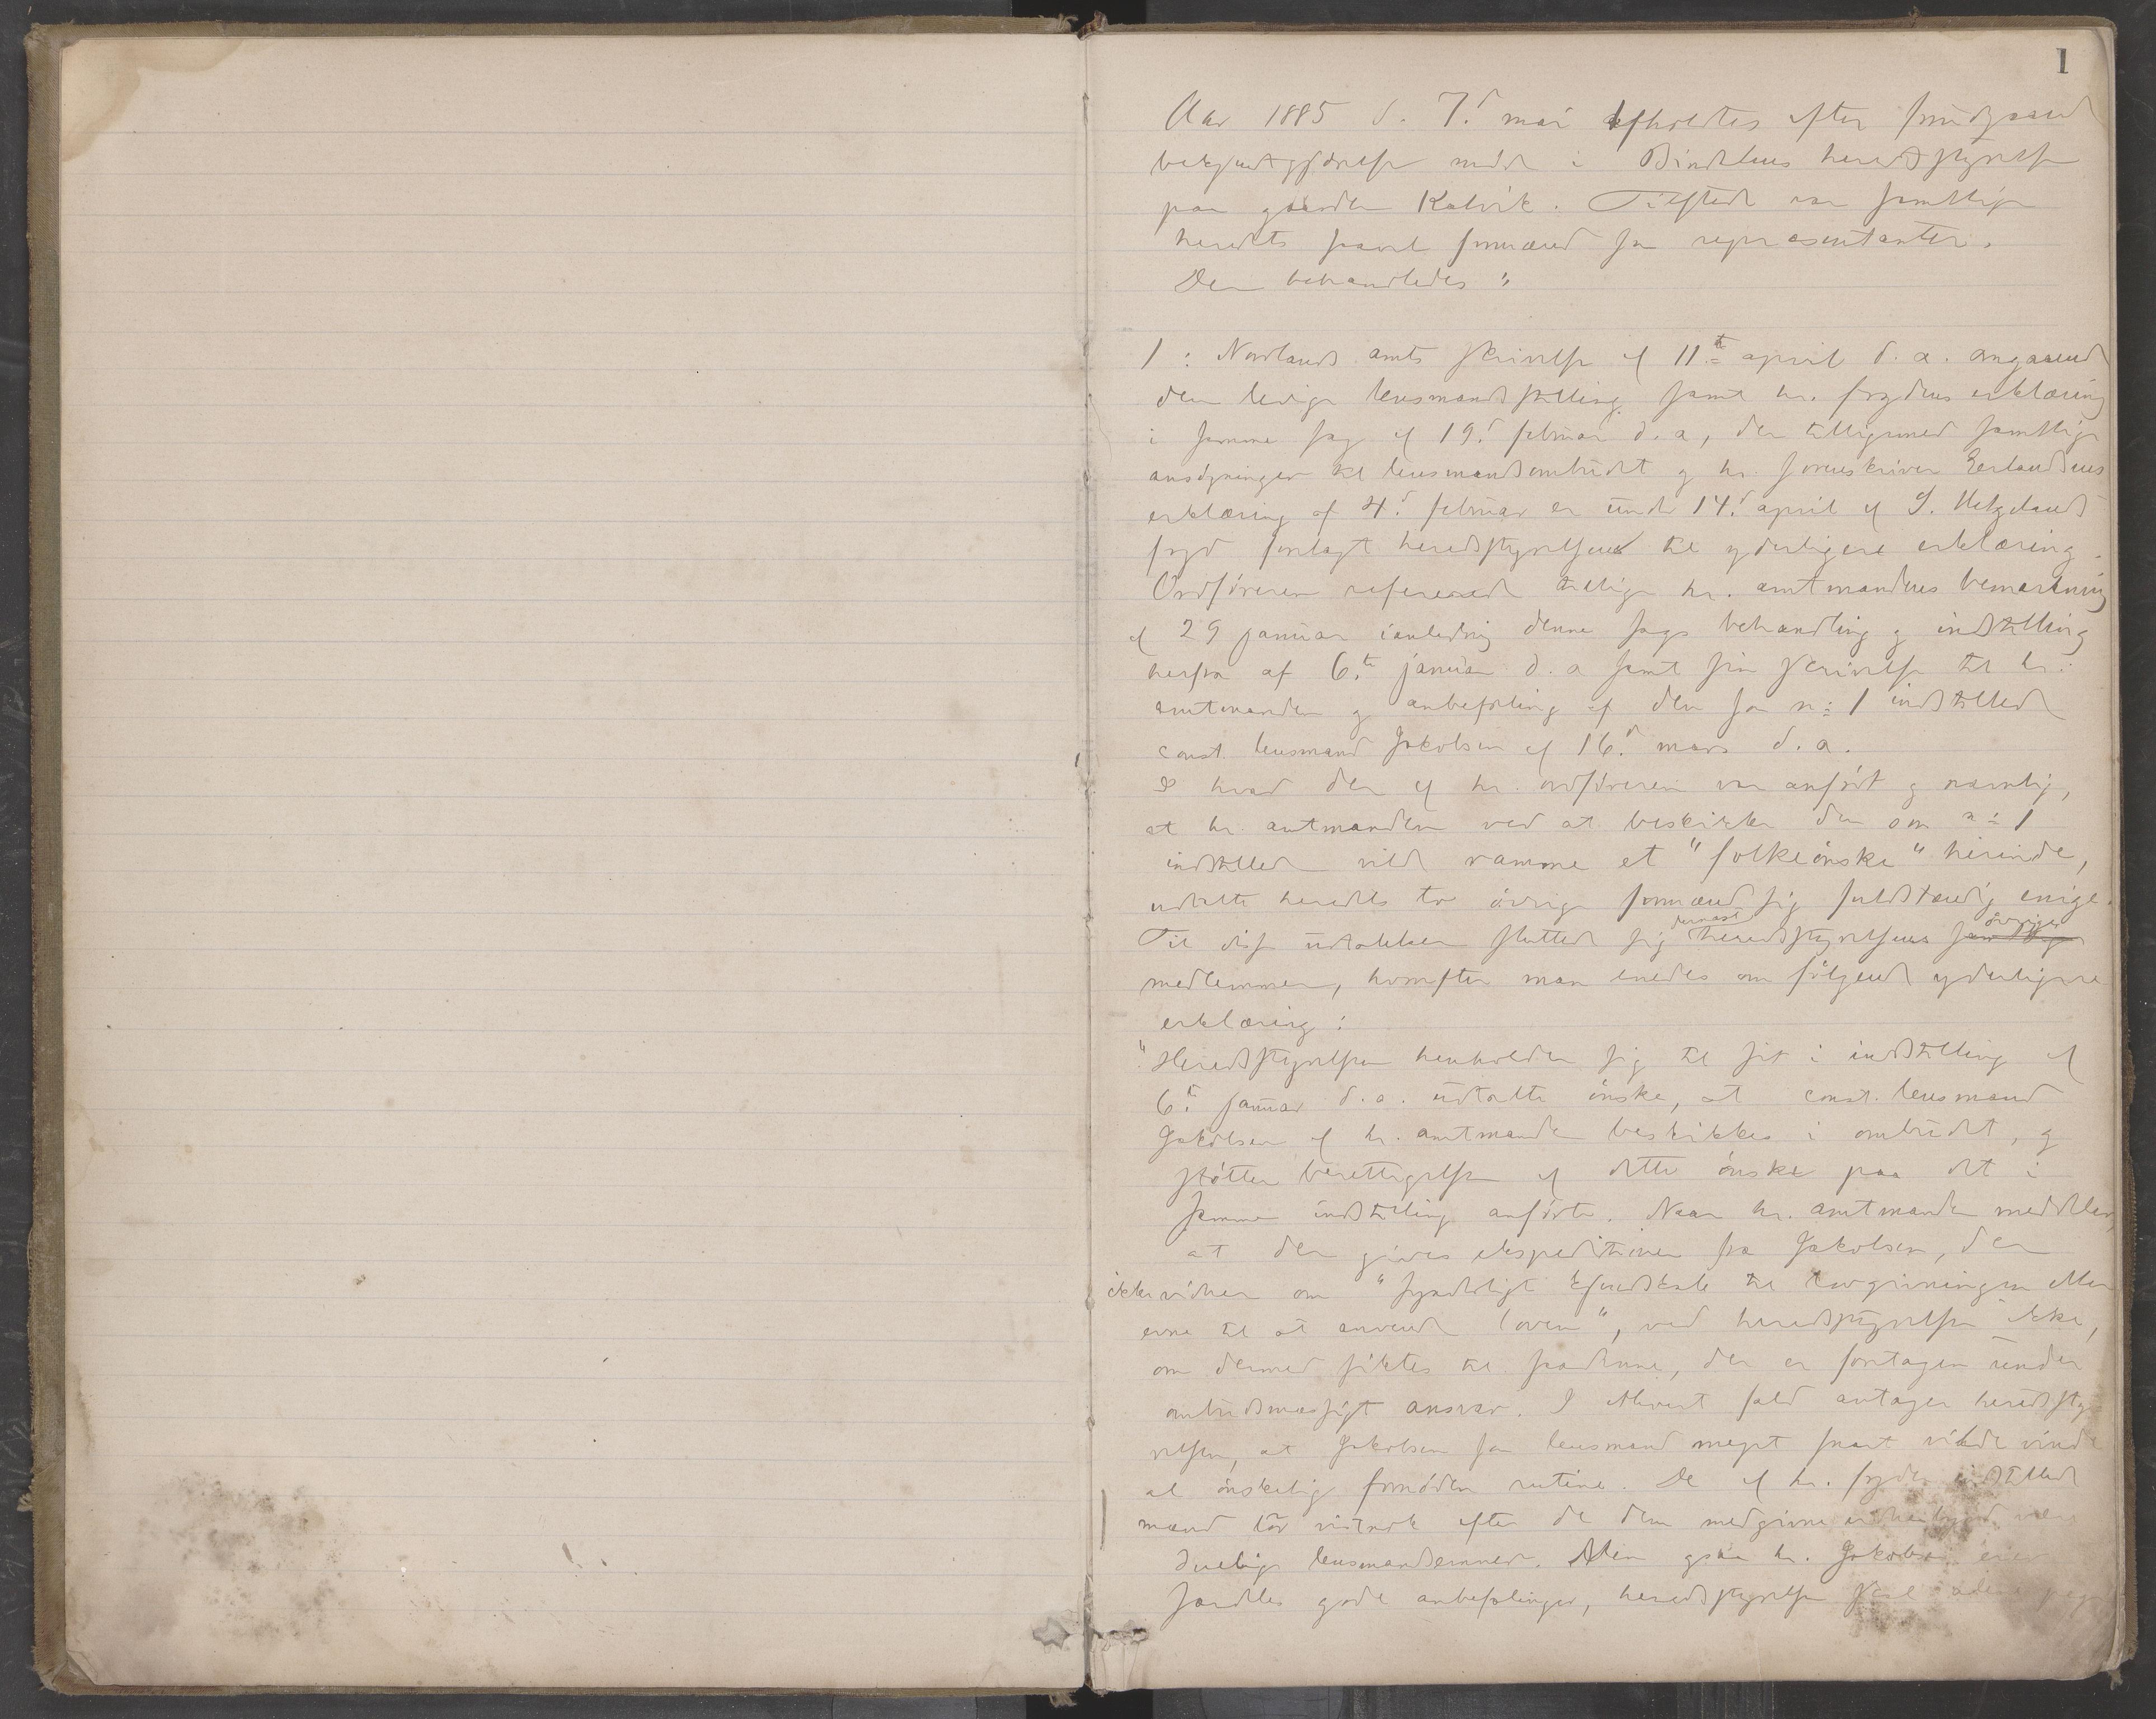 AIN, Bindal kommune. Formannskapet, A/Aa/L0000c: Møtebok, 1885-1897, s. 1